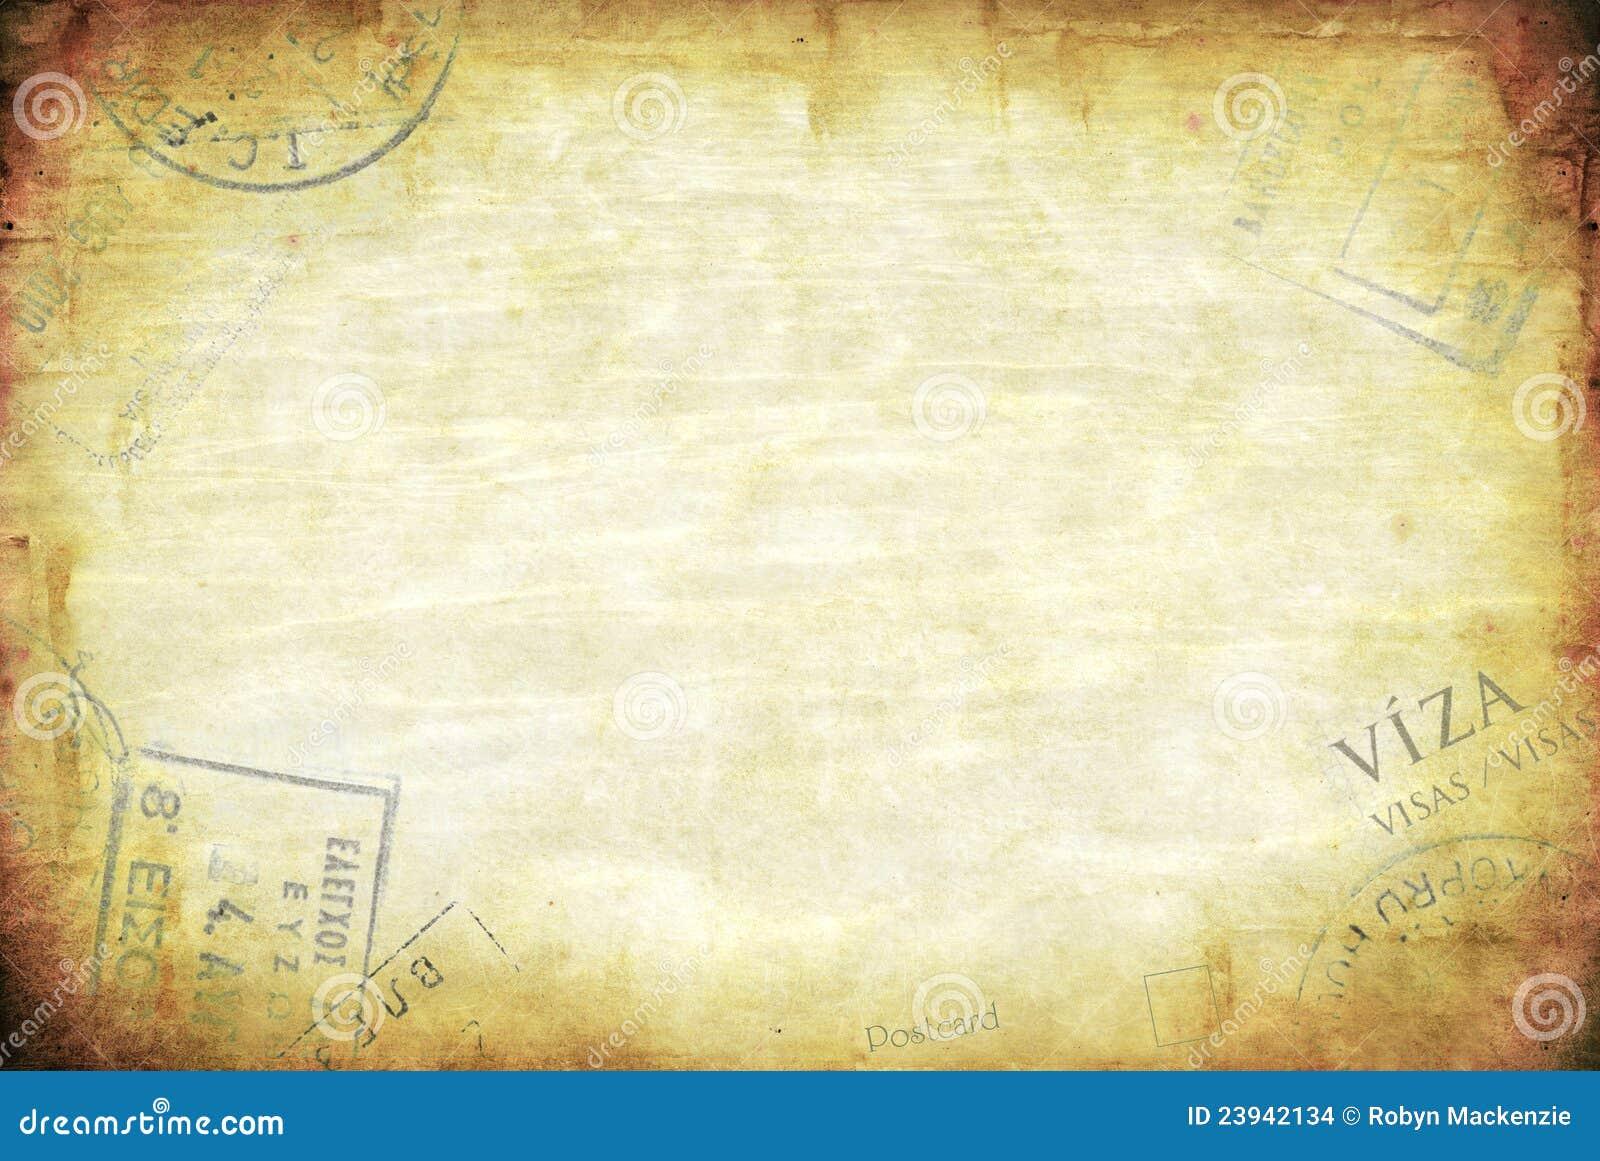 grunge travel background stock images image 23942134 film strip vector art film strip vector art free